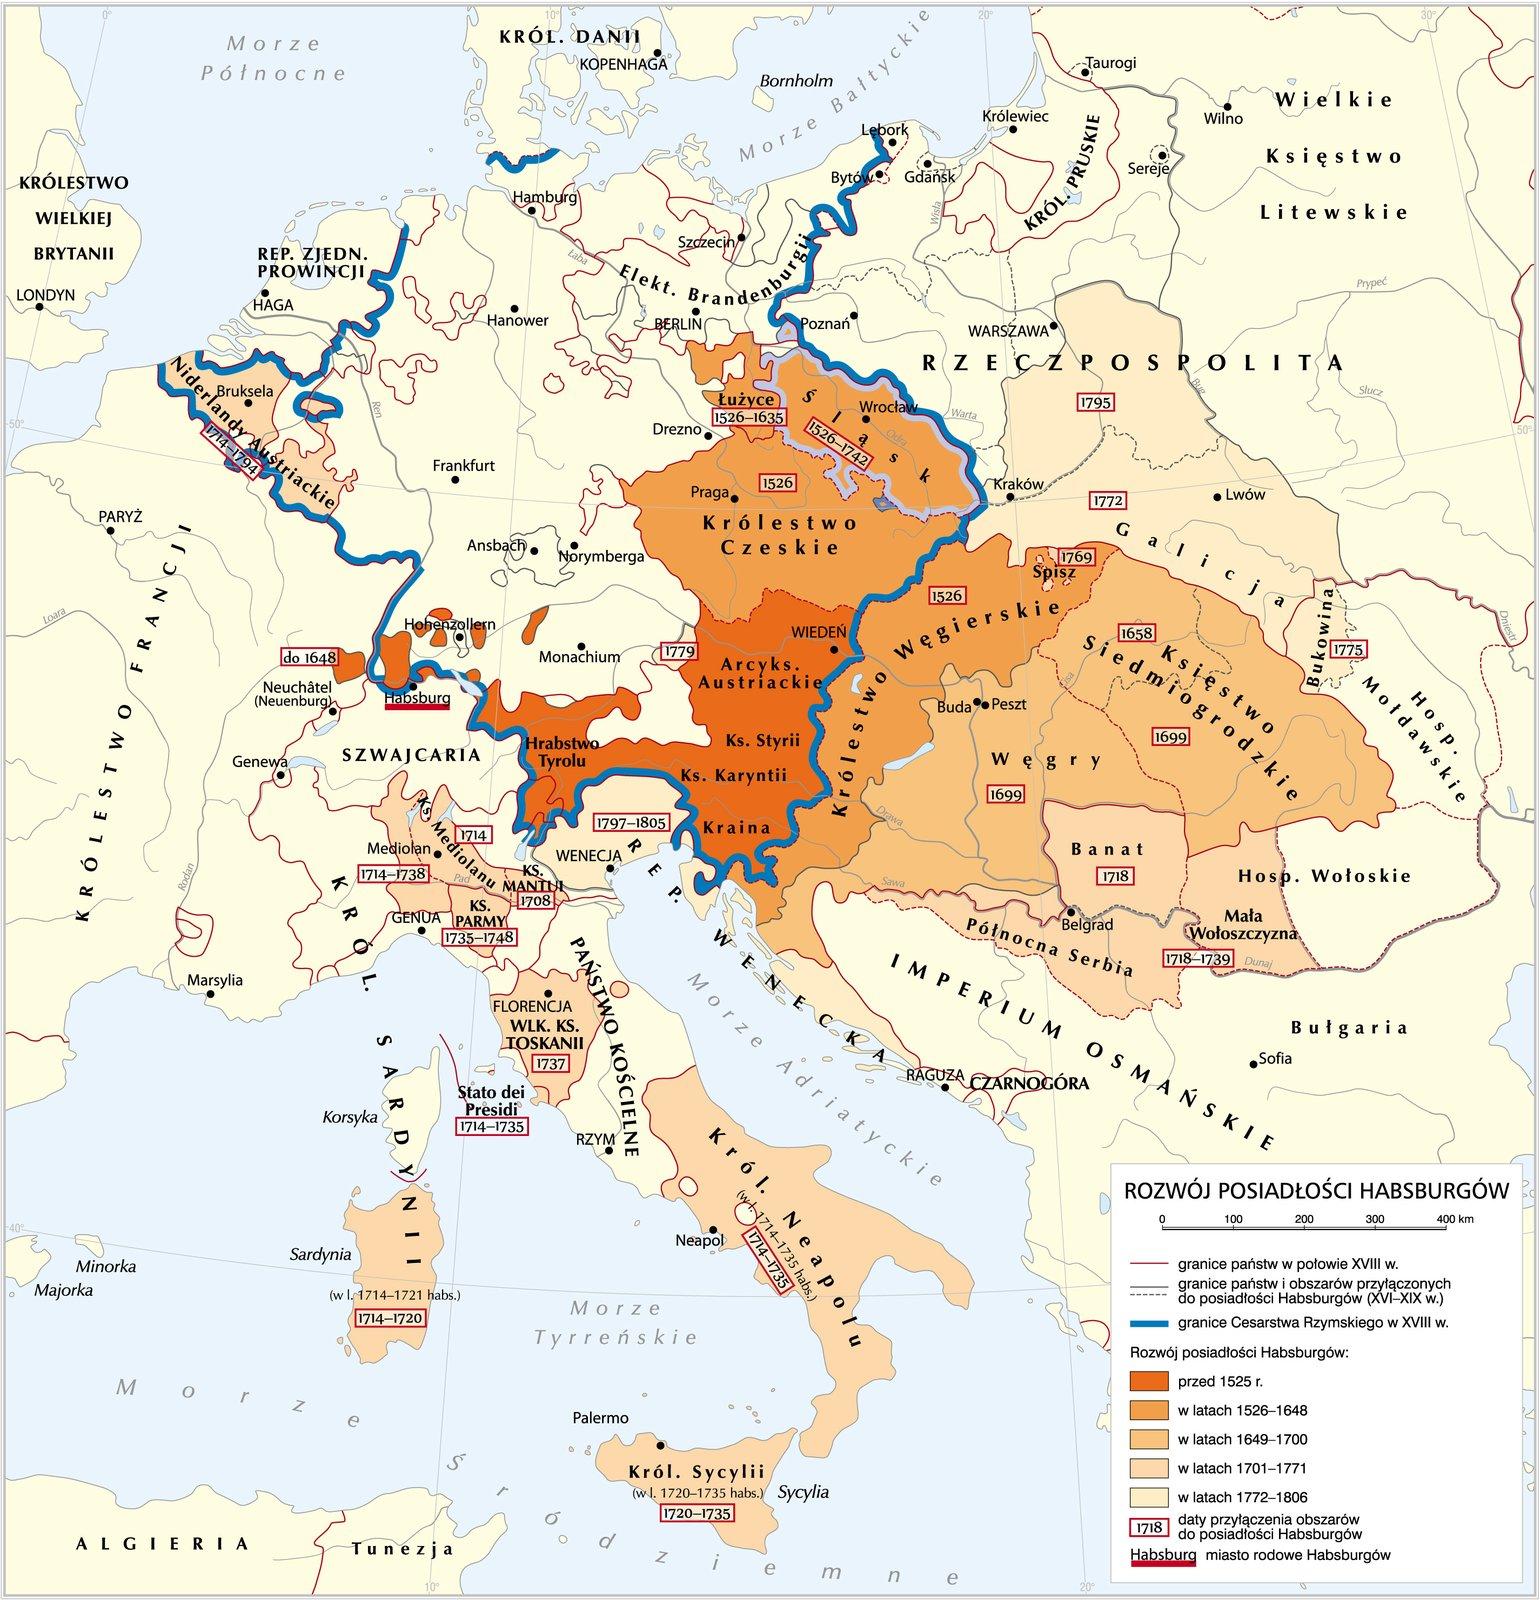 Rozwój posiadłości Habsburgów Rozwój posiadłości Habsburgów Źródło: Krystian Chariza izespół, licencja: CC BY-SA 3.0.